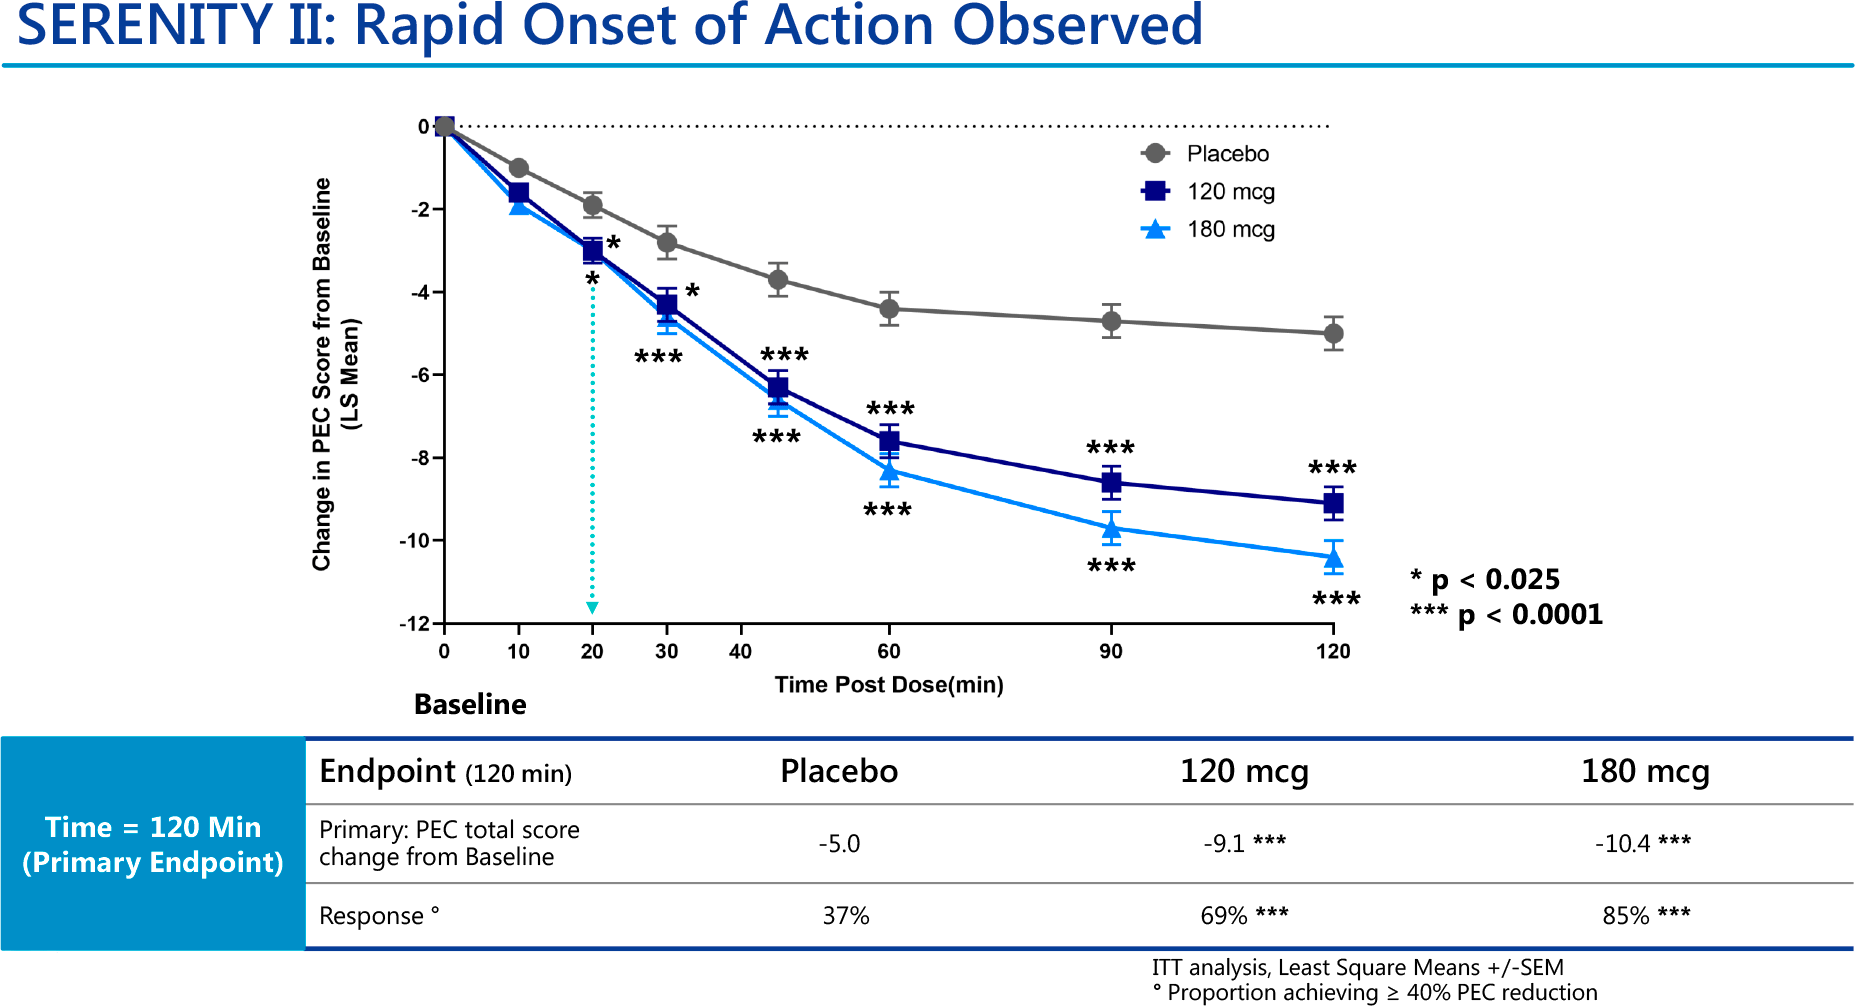 nct04268303 results 04 - Дексмедетомидин: быстрое купирование острой ажитации при шизофрении и биполярном расстройстве